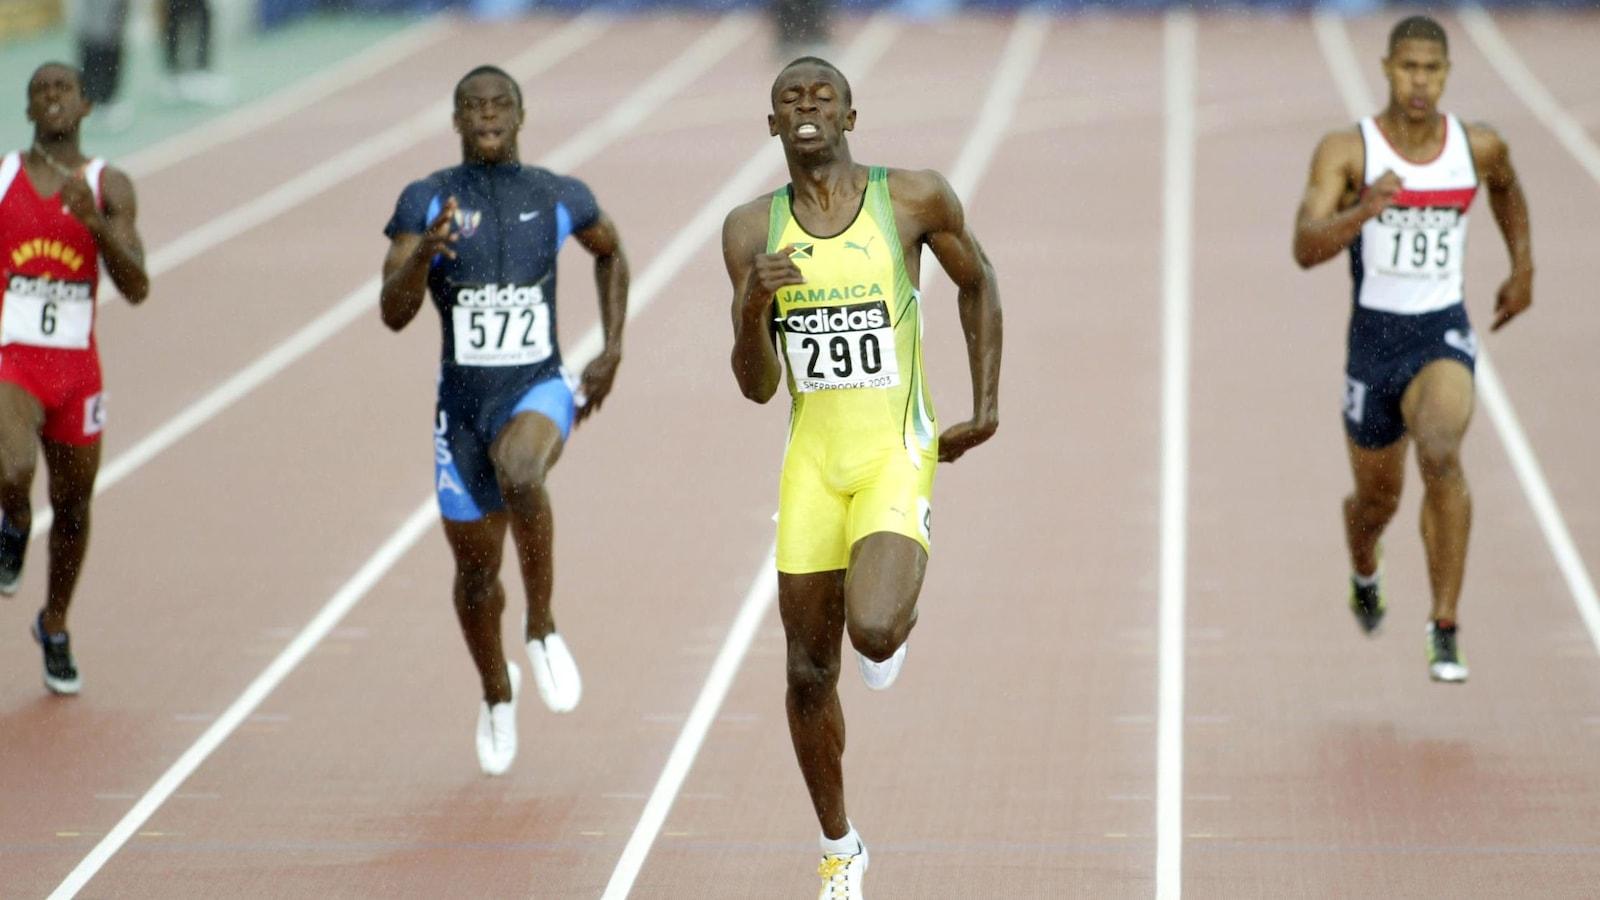 Usain Bolt (en jaune) en tête de la finale du 200 m des Championnats du monde jeunesse de Sherbrooke, suivi de l'Américain Michael Grant (en bleu) et du Britannique Jamahl Alert-Khan (en blanc).